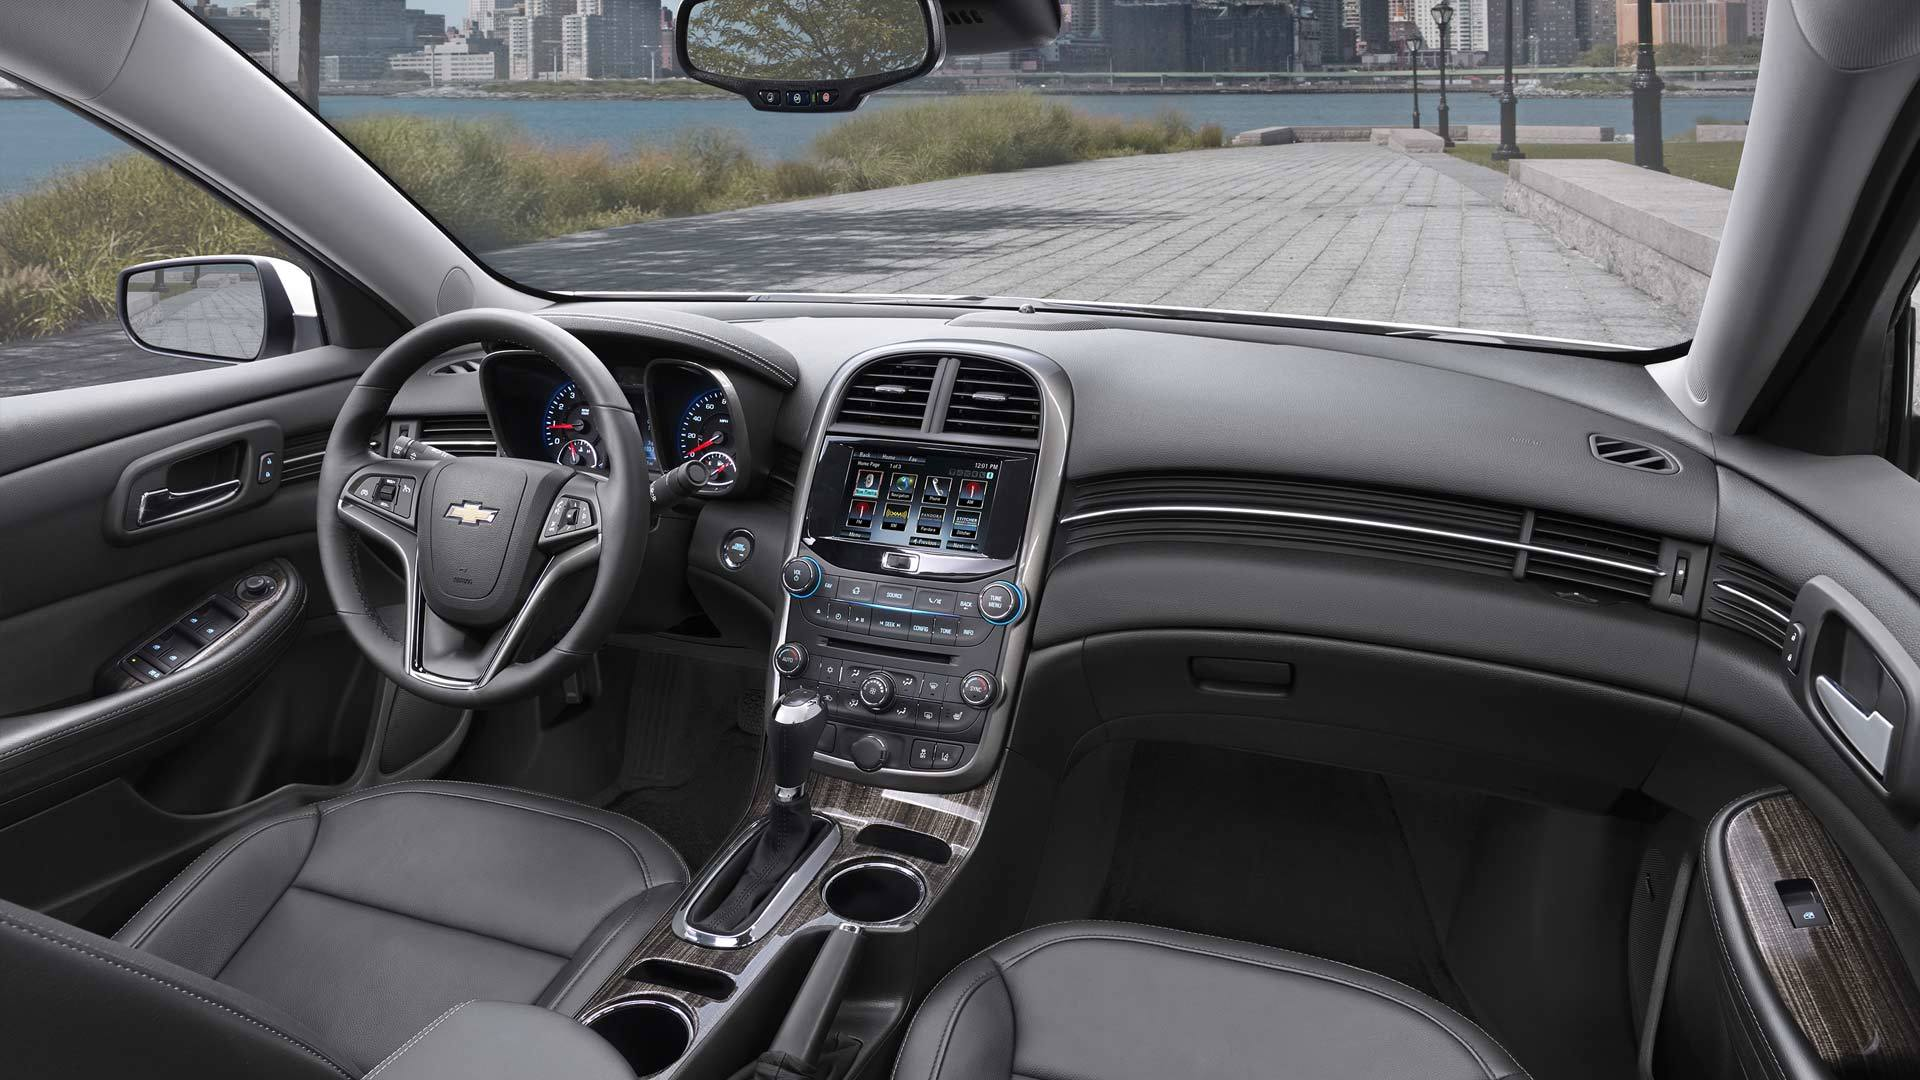 2015 Chevy Malibu interior cabin